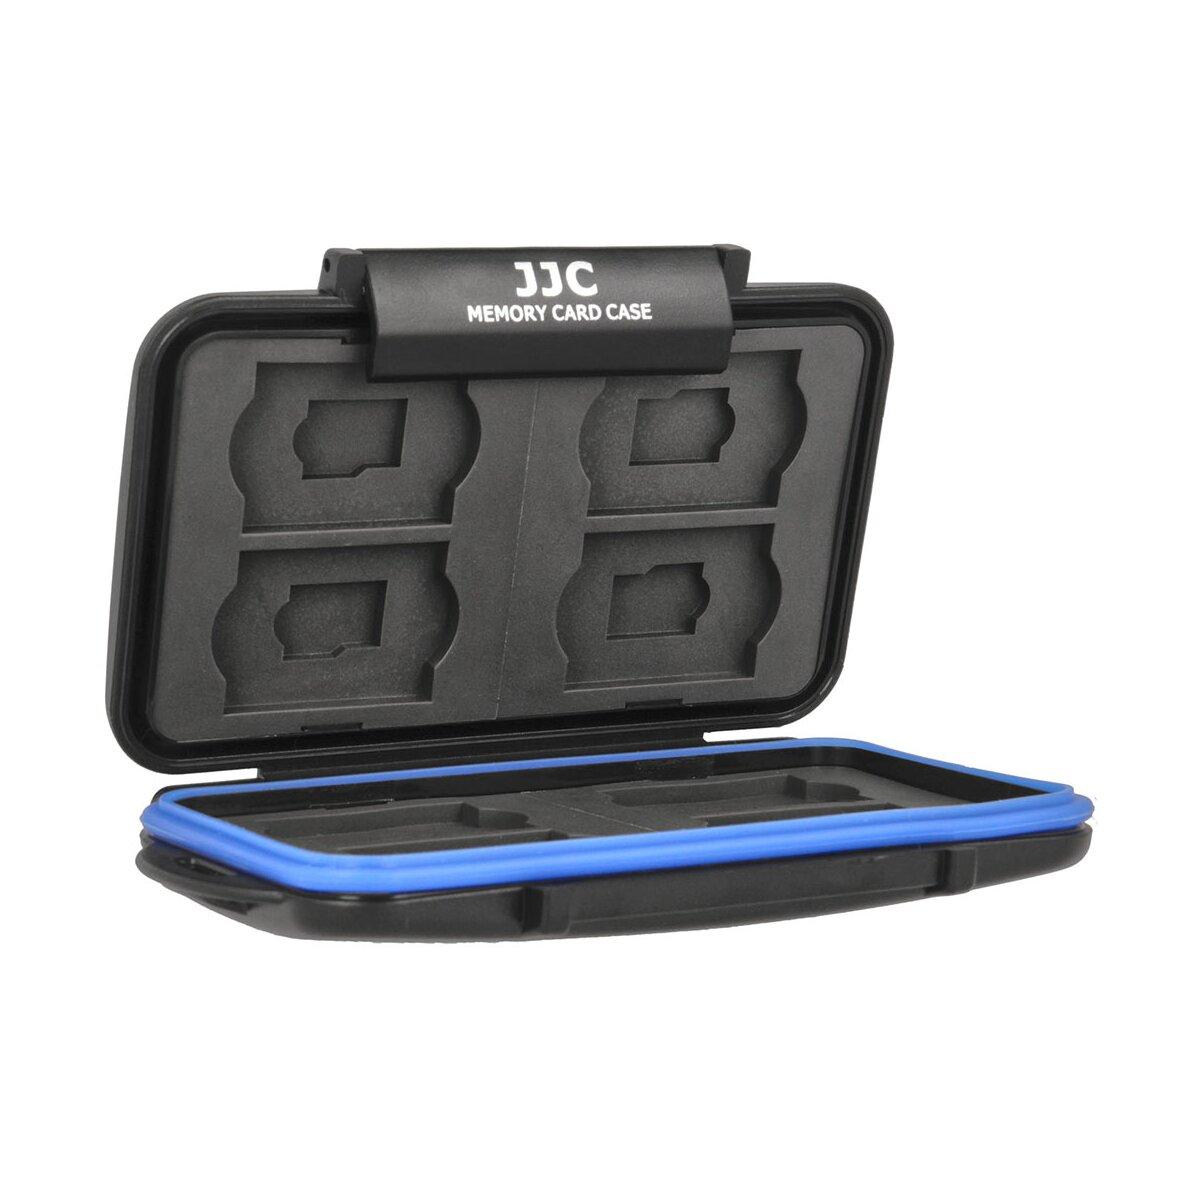 JJC Speicherkartenetui Schutzbox, Stoßfest, Wasserdicht, Für 8 SD und 8 MicroSD Karten, Sicher transportieren und aufbewahren